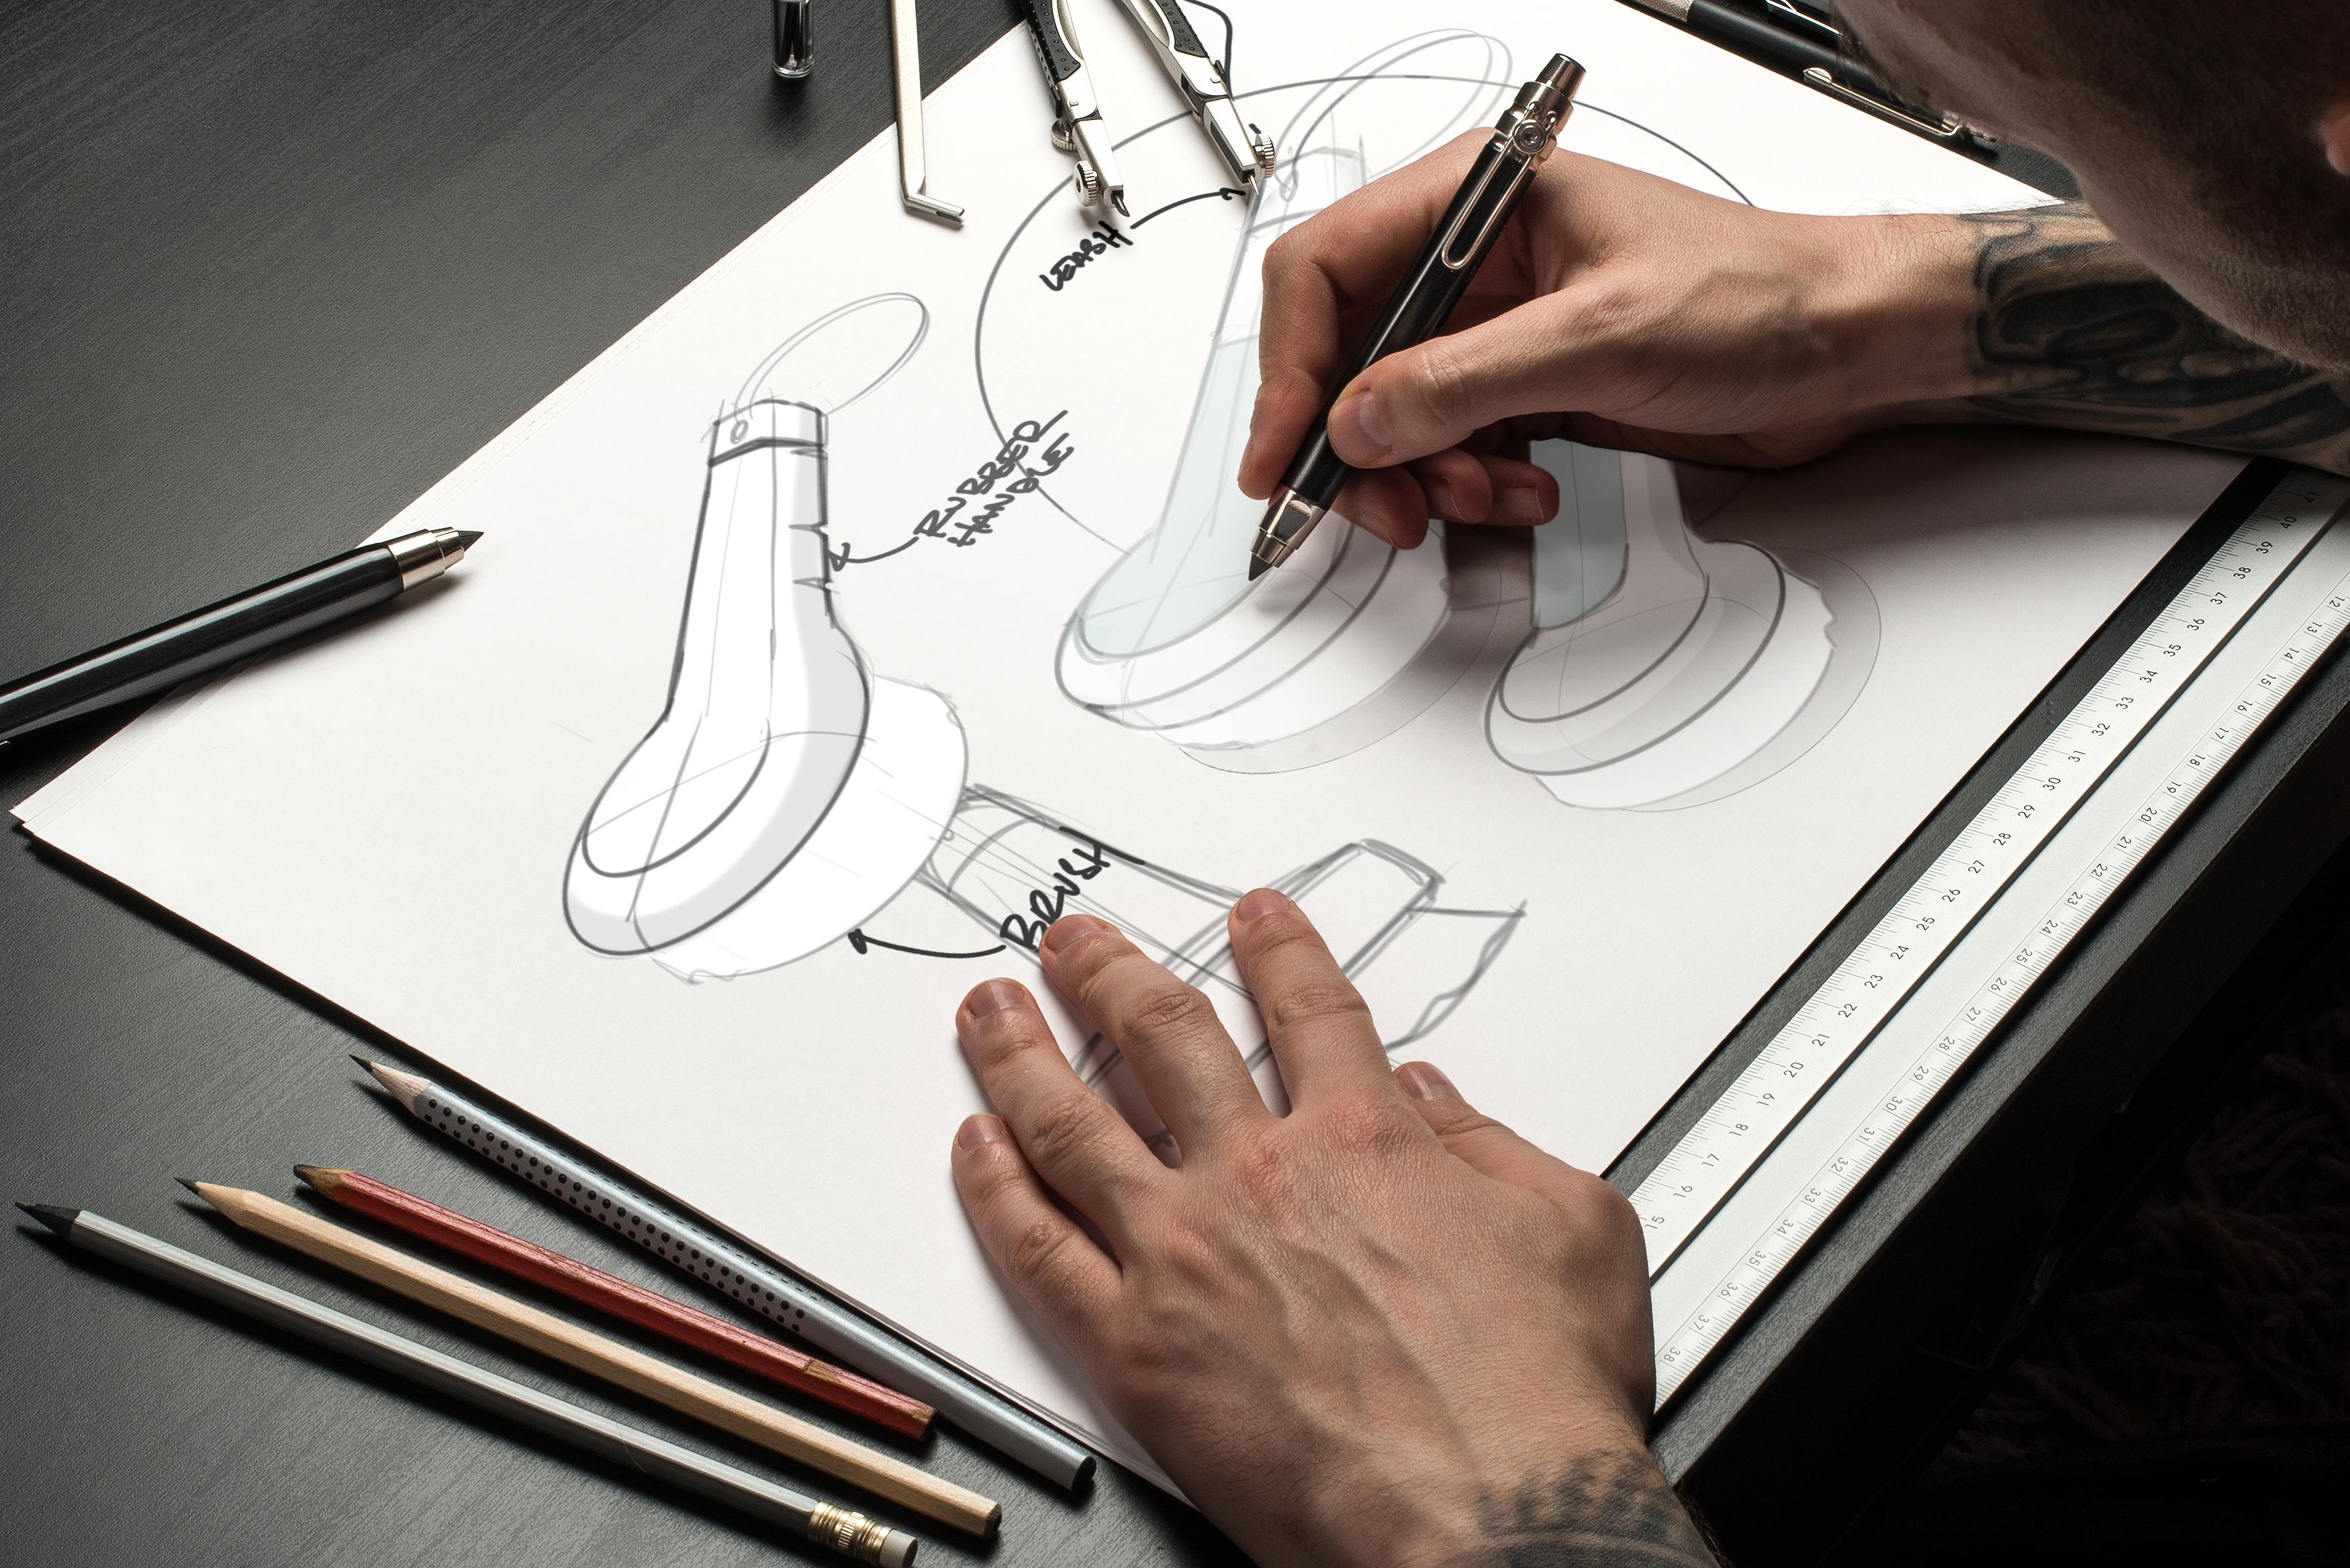 01-sketch-mockup design